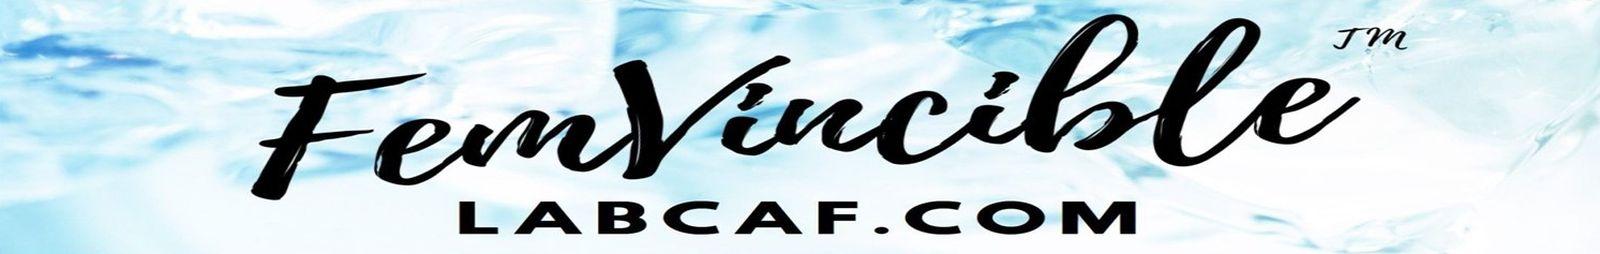 LaBCaF LLC